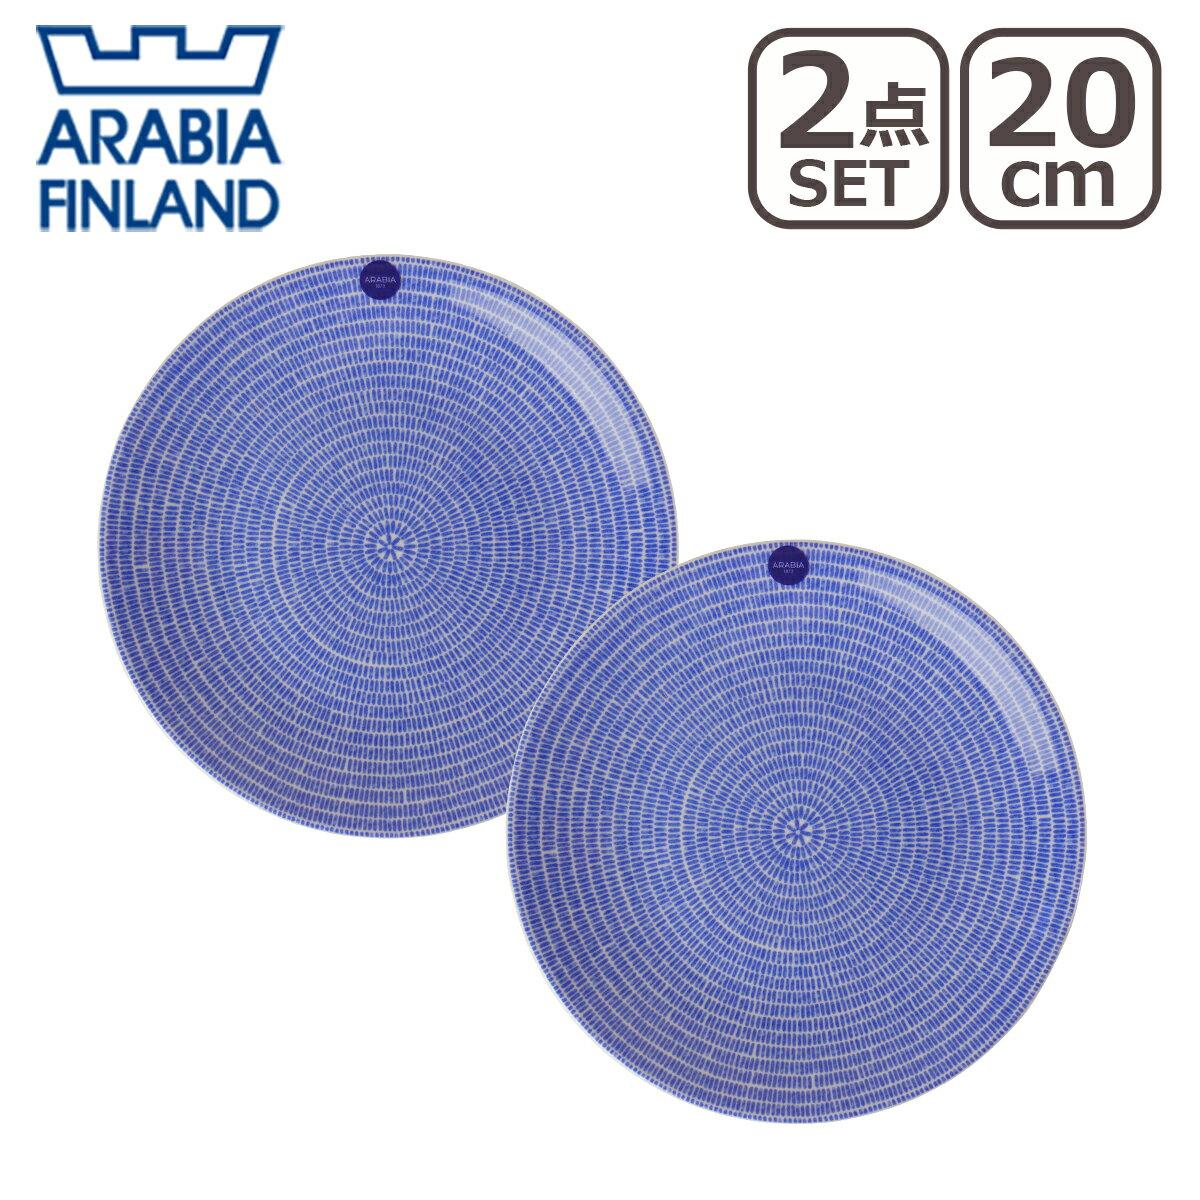 アラビア(Arabia) 24h Avec アベック 20cm プレート ブルー 2点セット blue 北欧 フィンランド 食器 Arabia 食器洗い機 対応